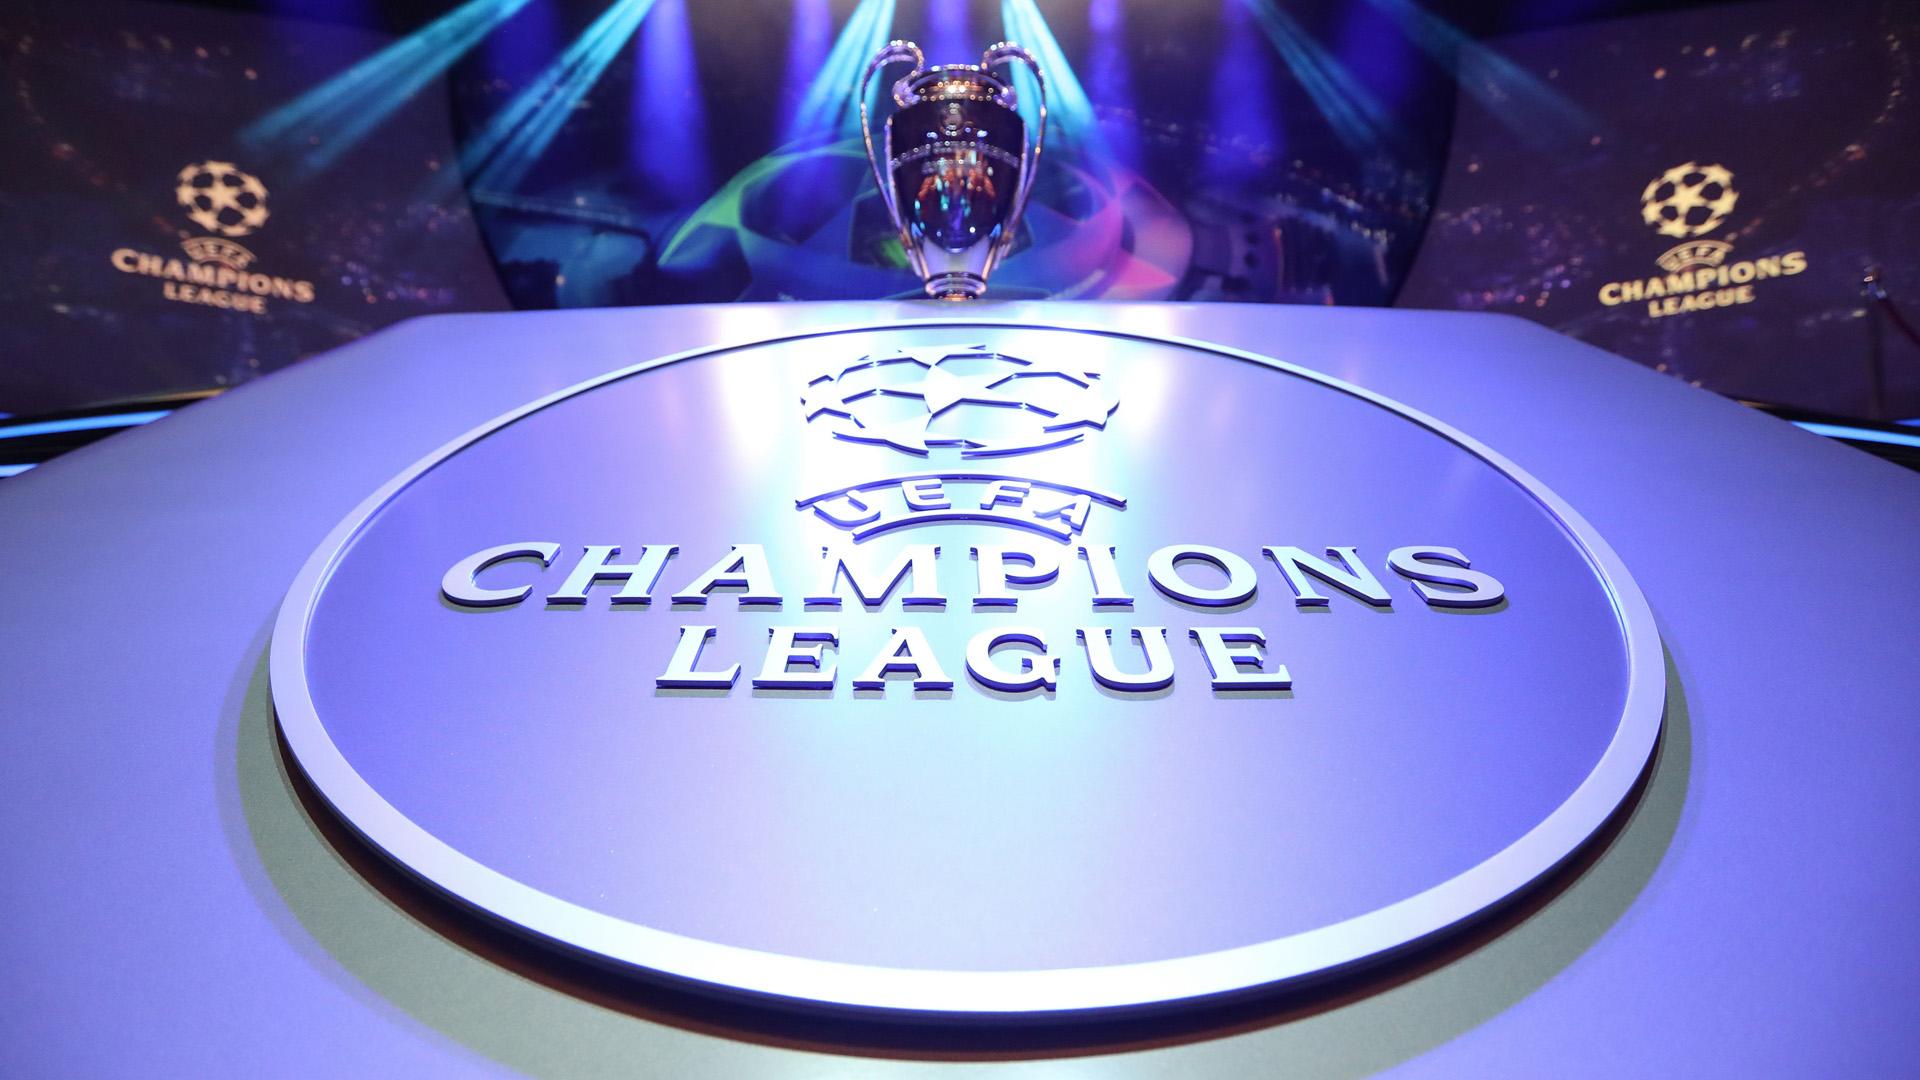 Wer Zeigt Ubertragt Die Champions League Gruppenphase 2019 20